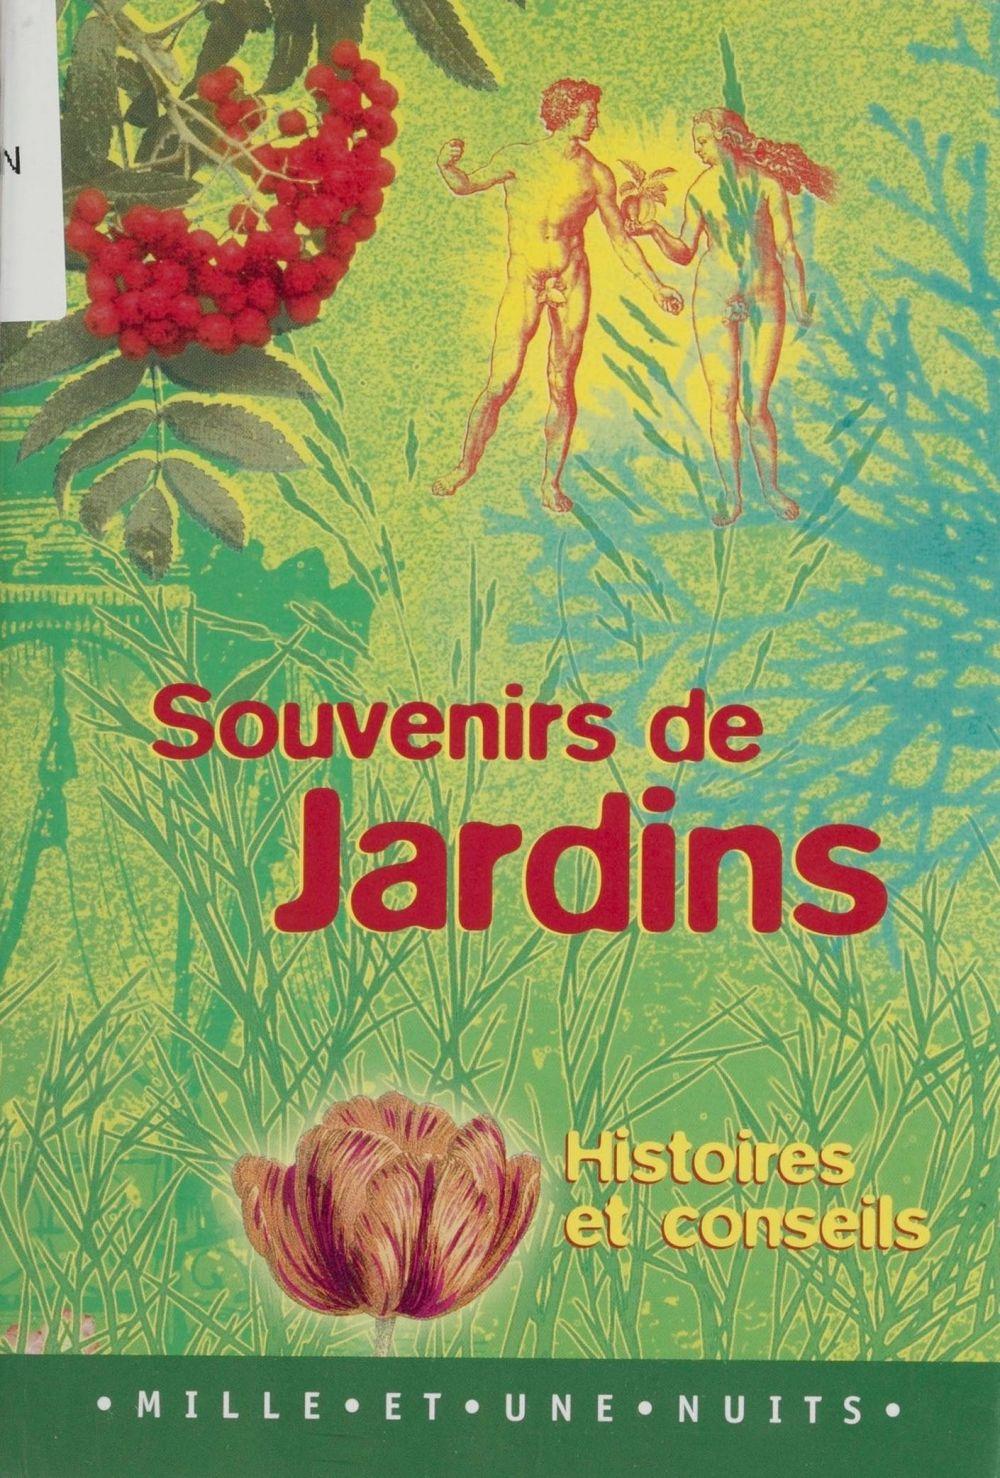 Souvenirs de jardins : histoires et conseils